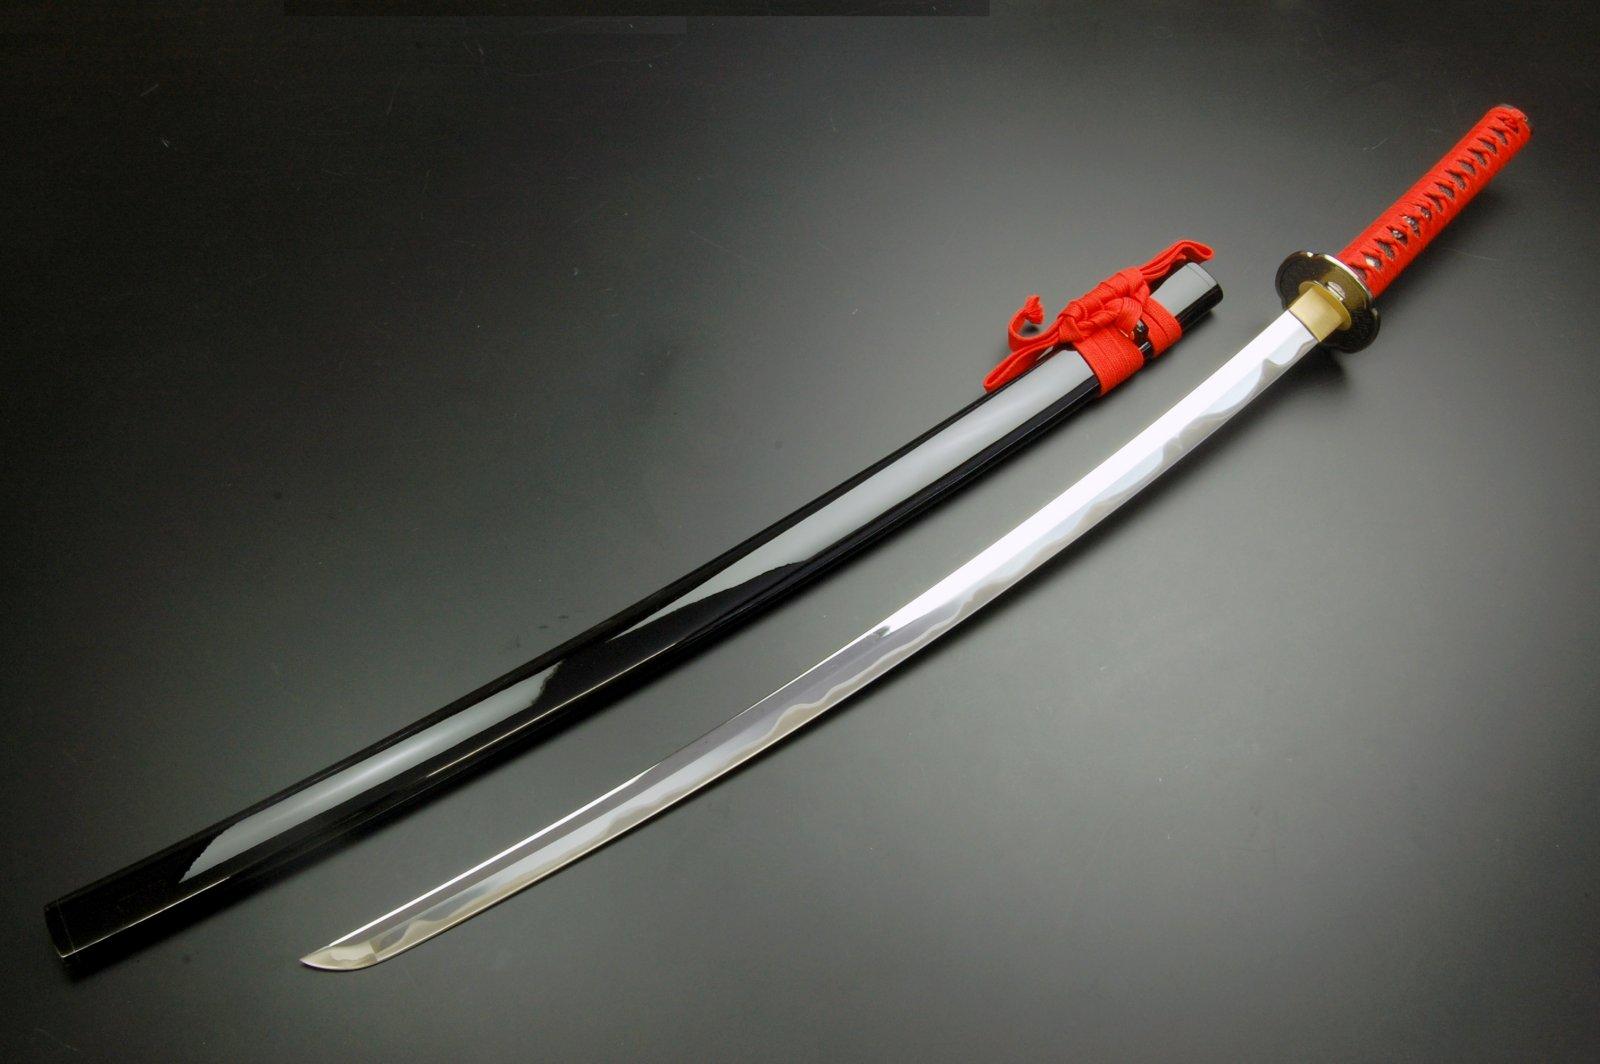 高級美術刀剣 名刀匠シリーズへし切り長谷部大刀